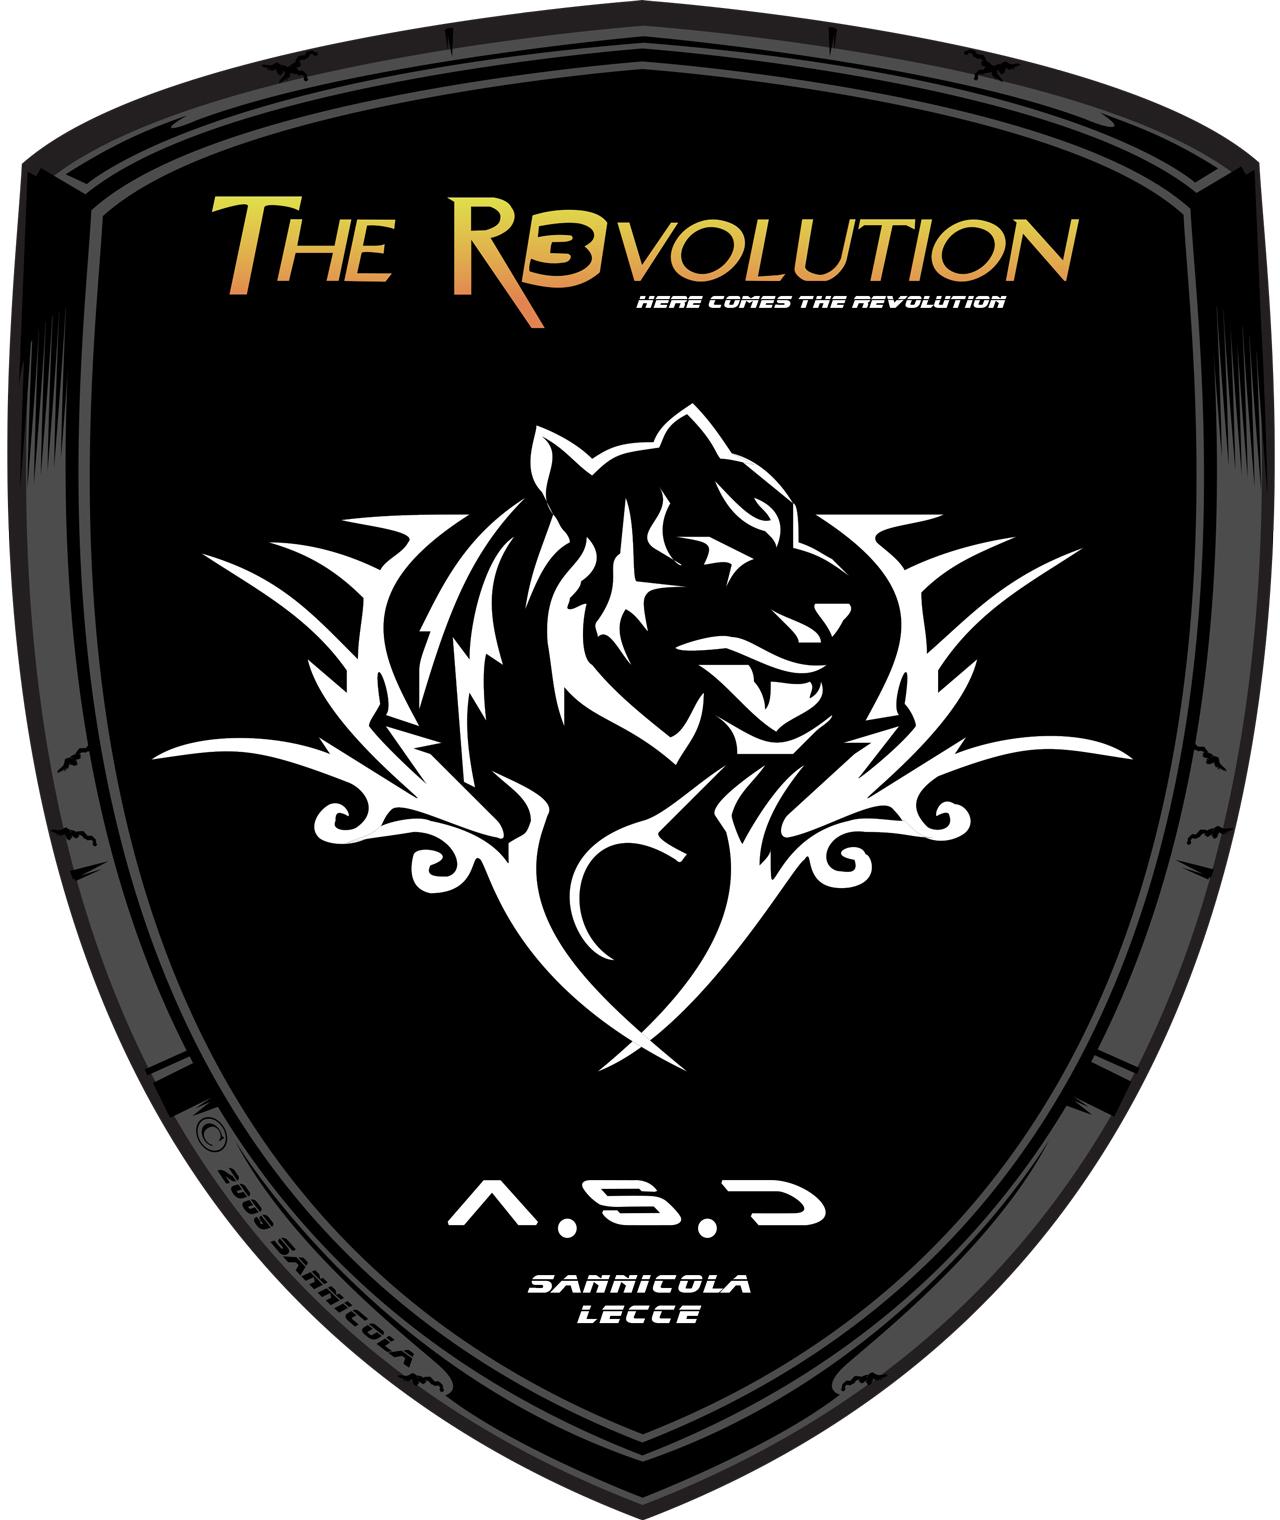 The-Revolution-Vettoriale-2013.jpg - 383.99 kb